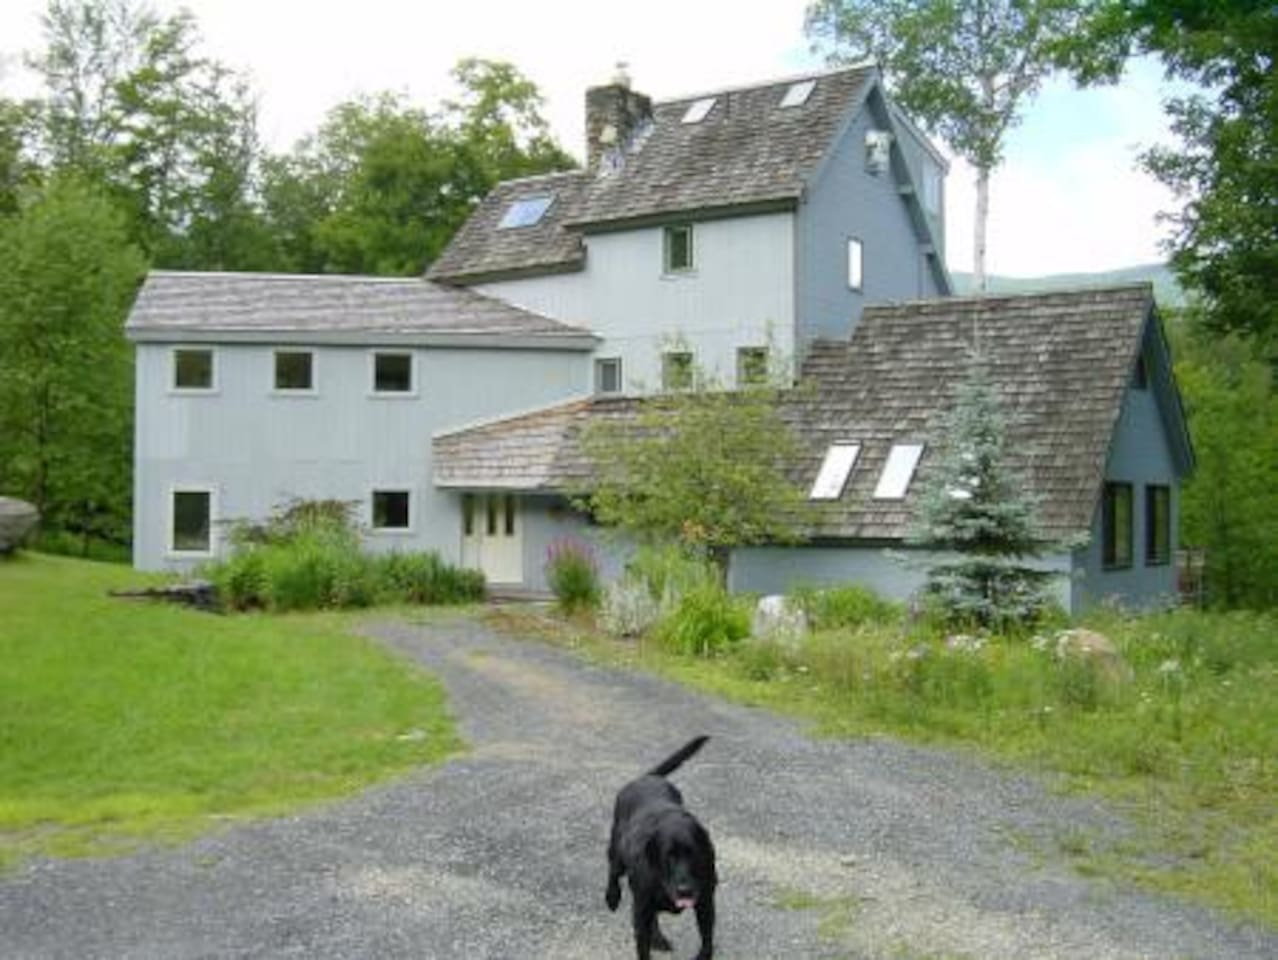 Beautiful Home near Sugarbush, VT